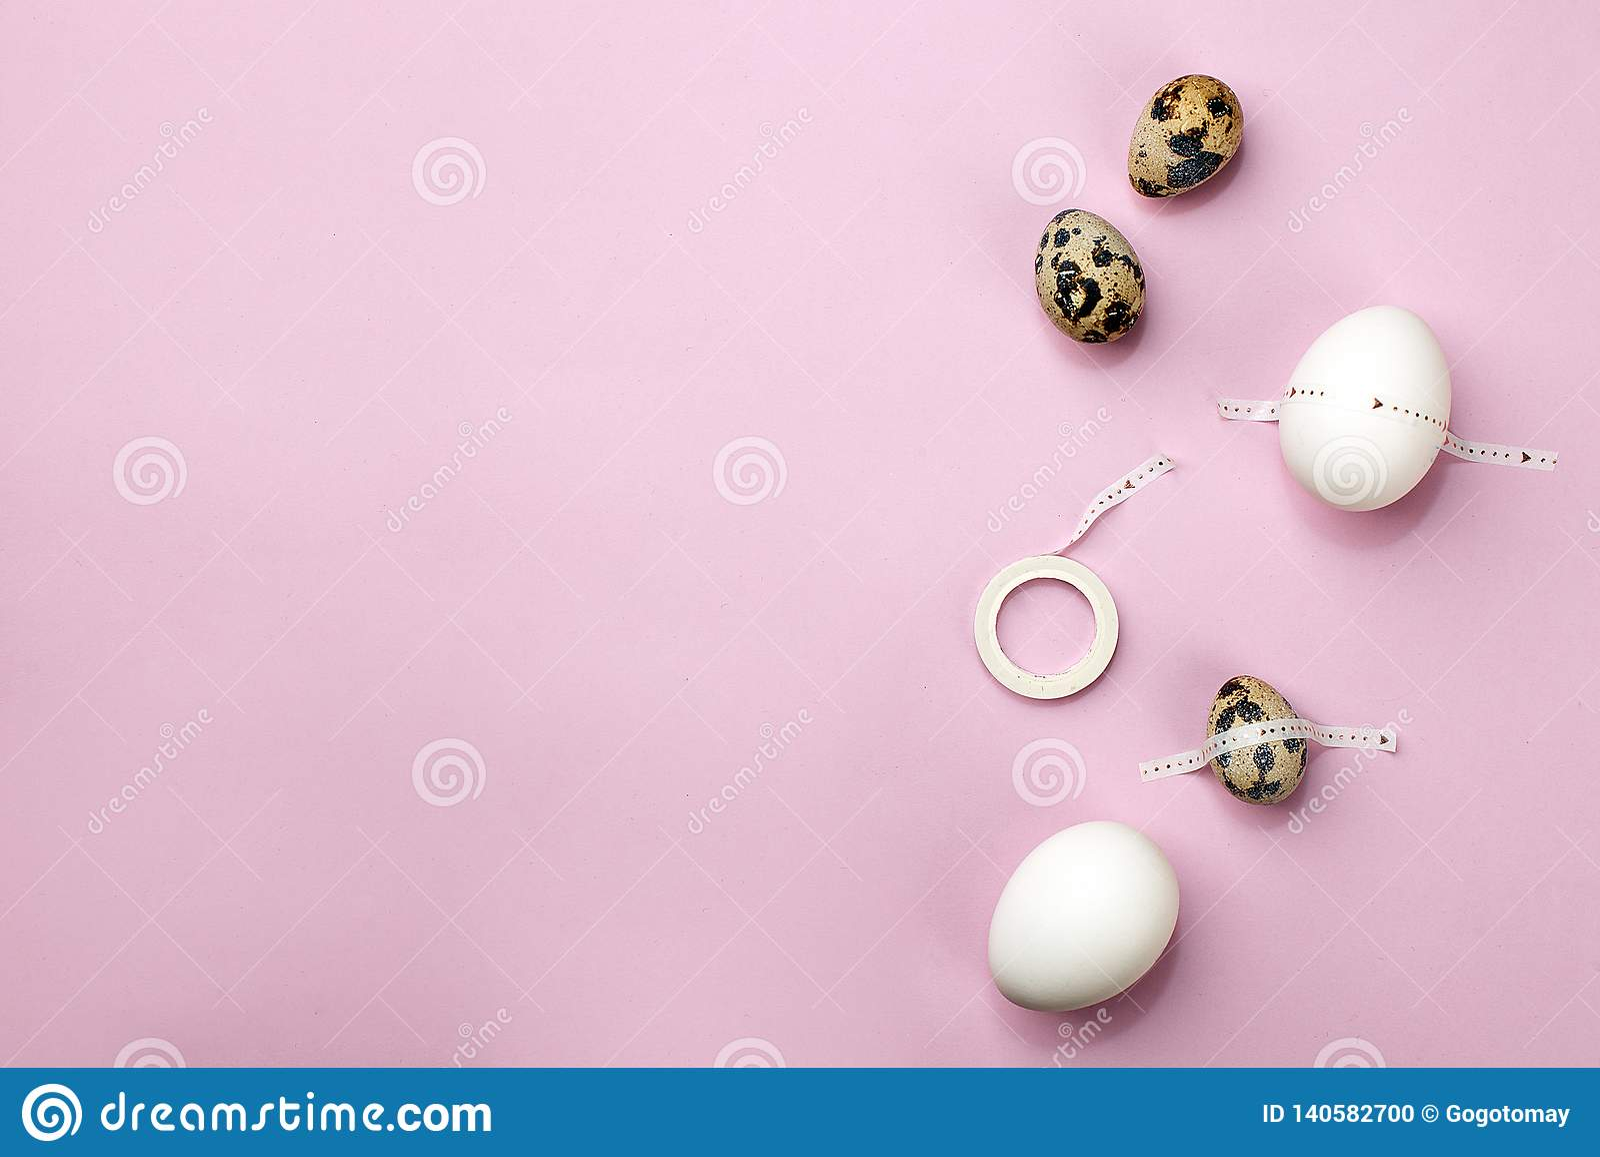 Κάρτα διακοπών Πάσχας vibes τέχνη μοντέρνα Γιορτάστε την παράδοση Πάσχας Σύνολο αυγών με την κολλητική ταινία στο ρόδινο πορφυρό